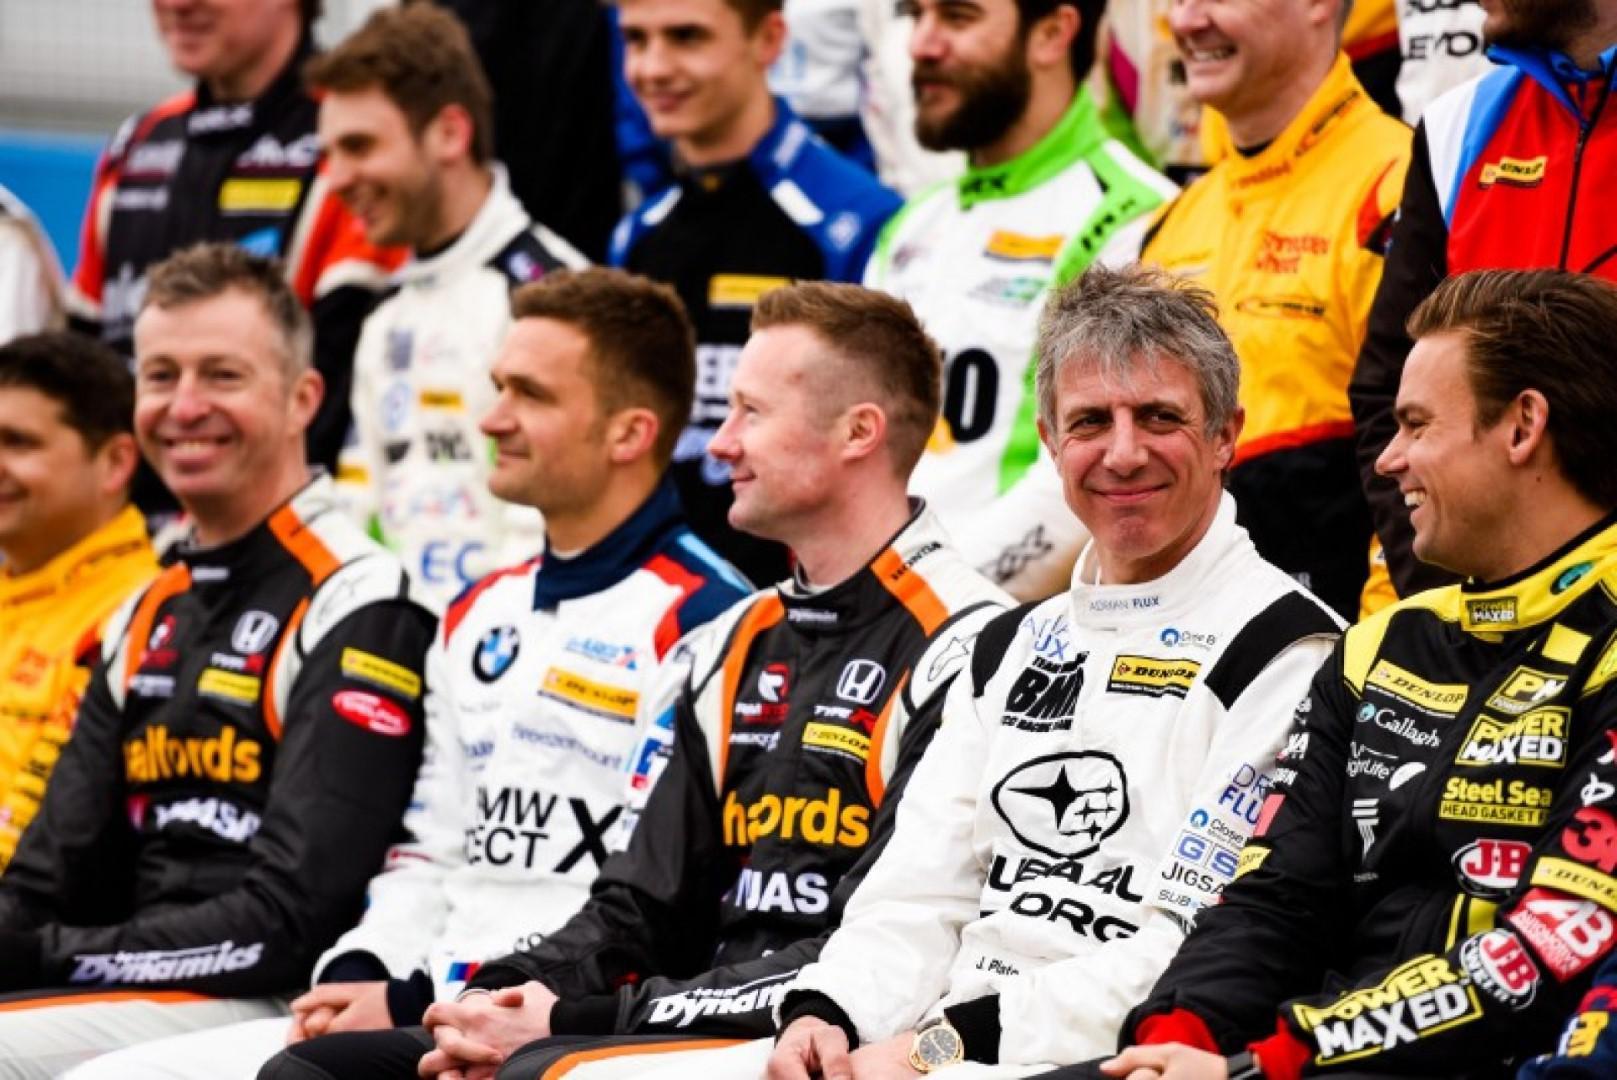 BTCC : début de saison le 1-2 avril à Brands Hatch indy